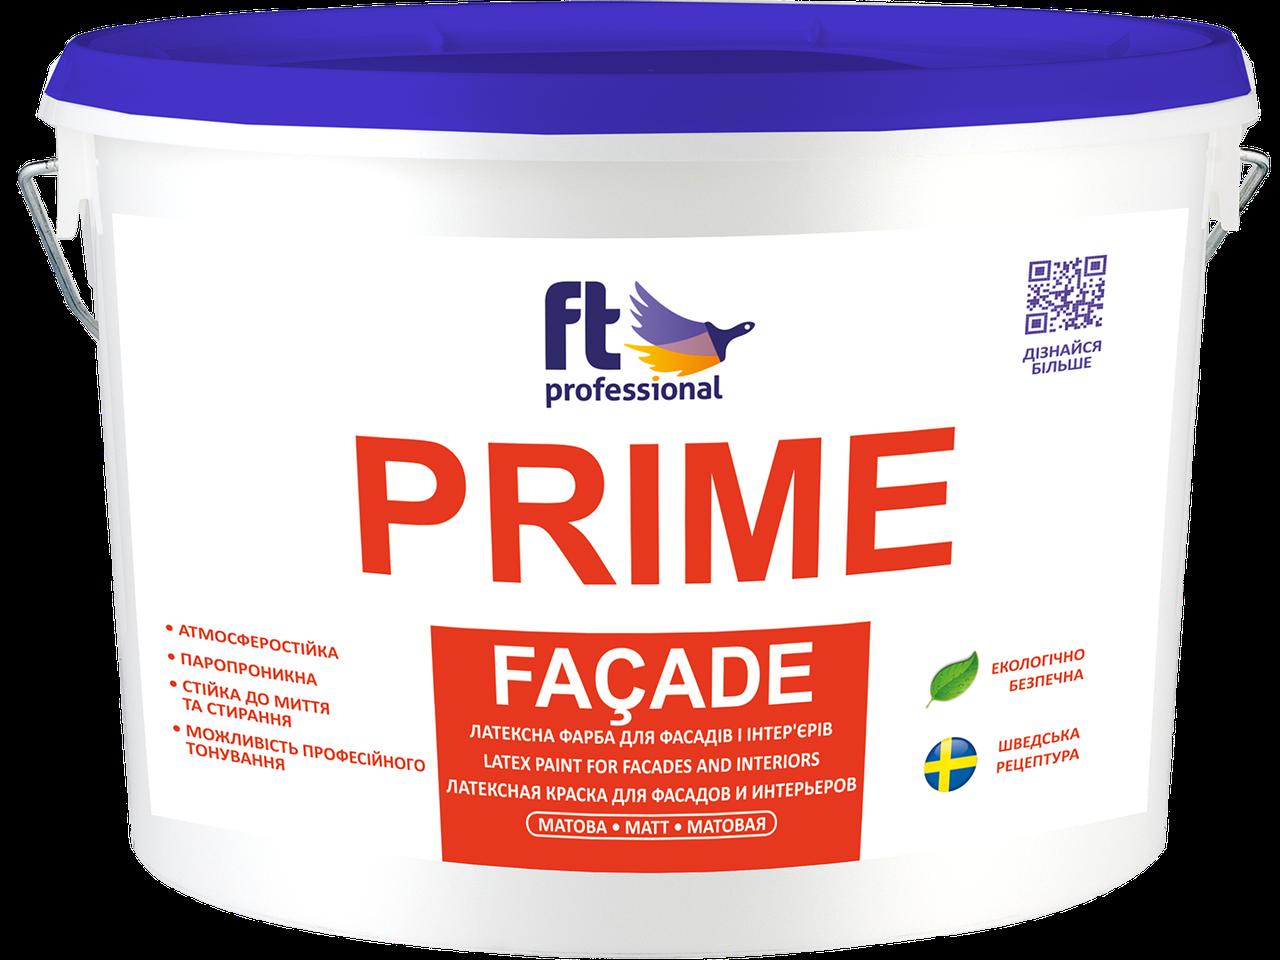 Универсальная латексная краска для фасада и интерьера FTP Prime Fasade